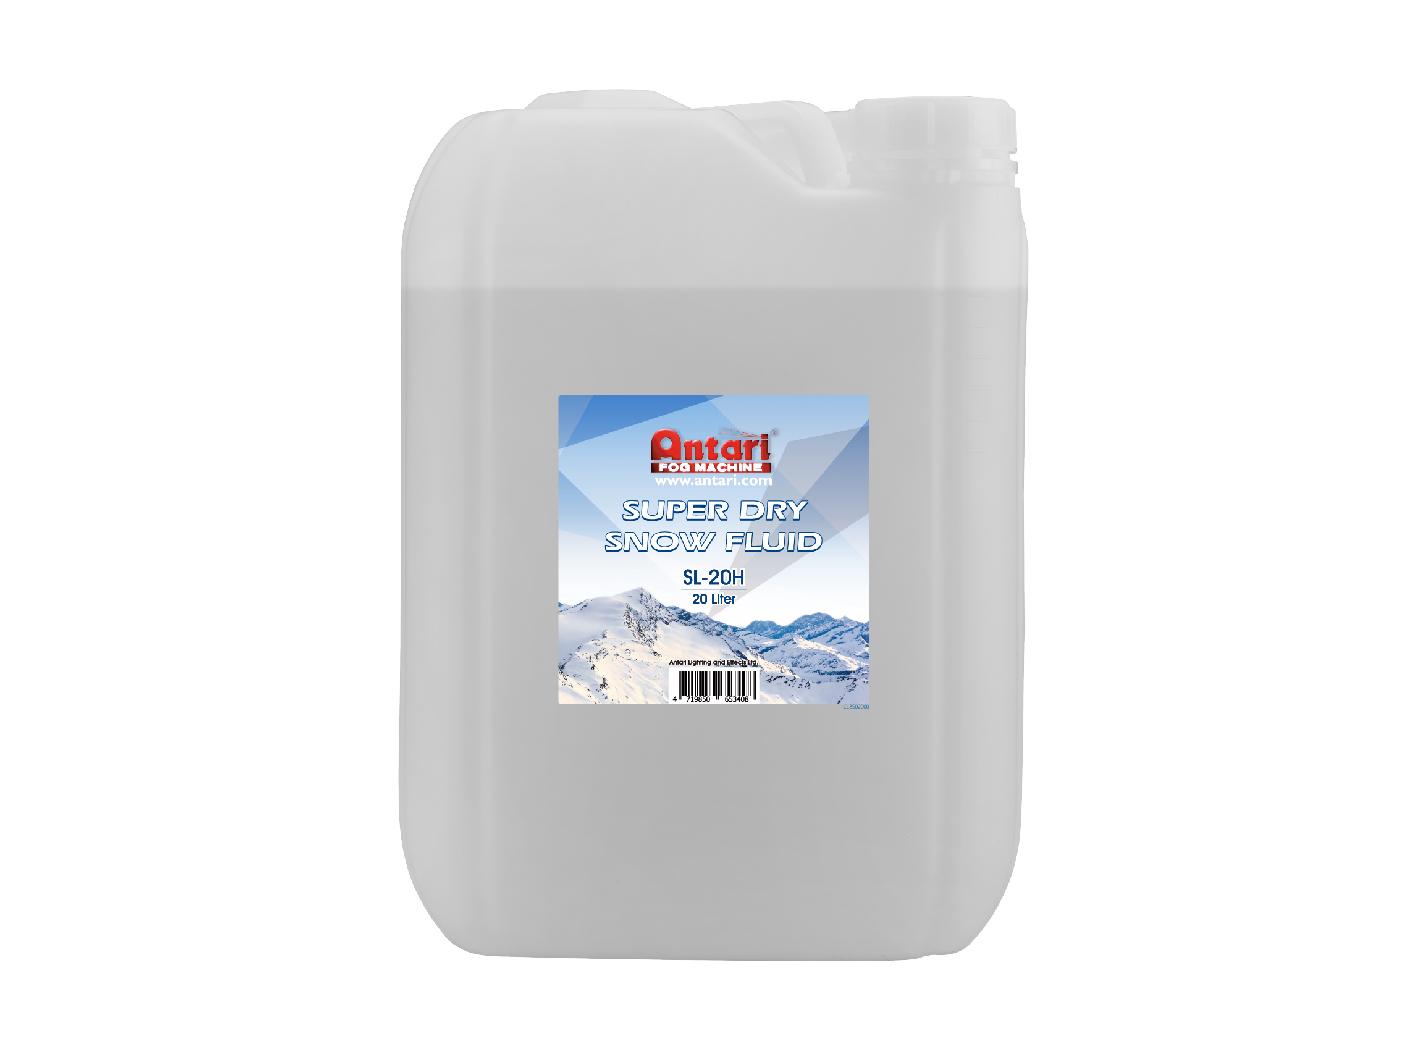 Fluid_SL-20H Super Dry Snow Fluid